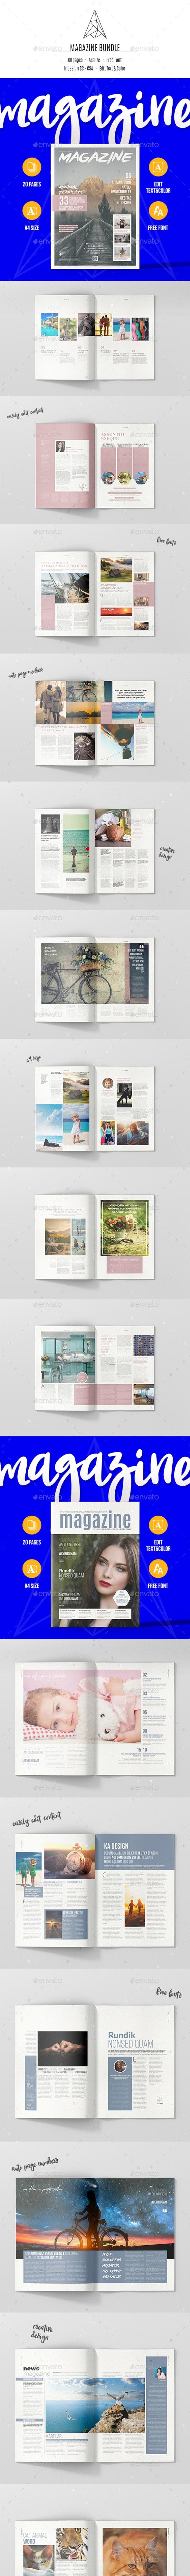 Magazine Bundle 60 Pages - Magazines Print Templates